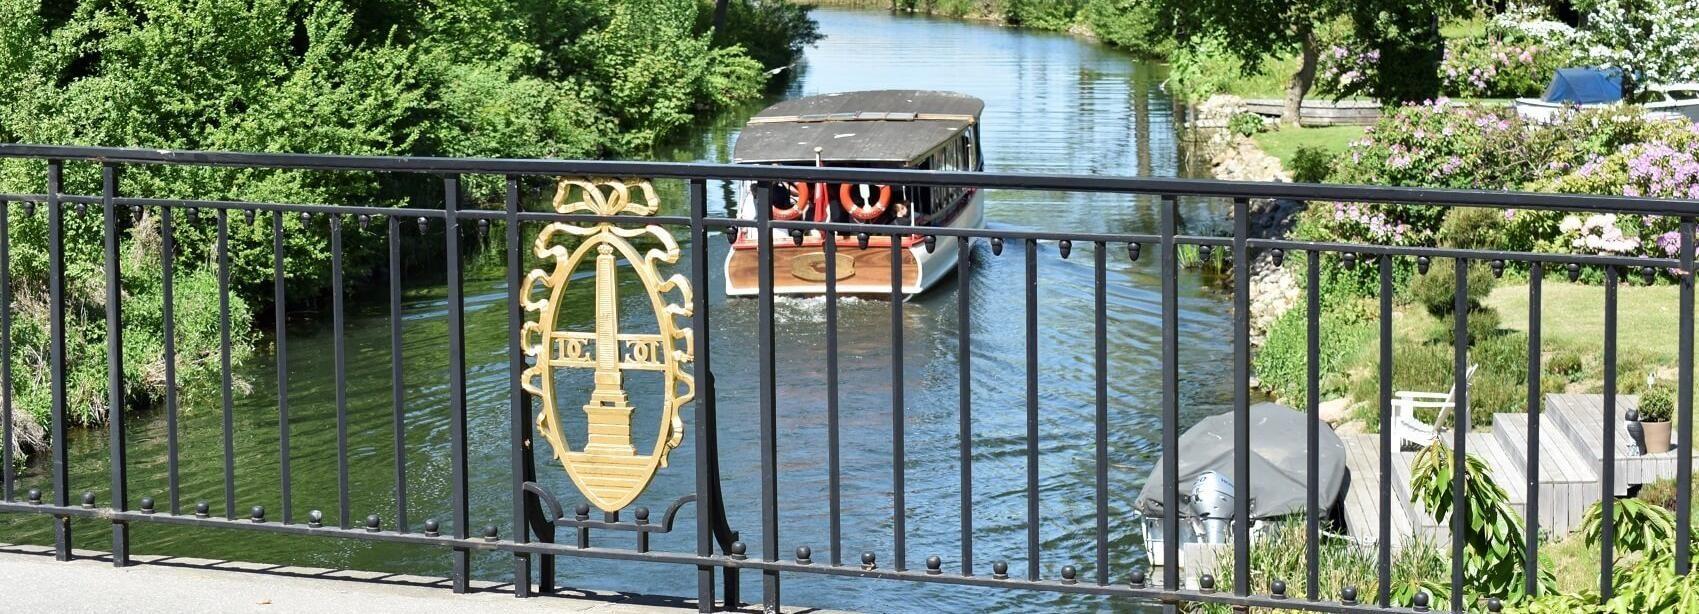 Copenaghen: gita in barca sul lago Furesøen